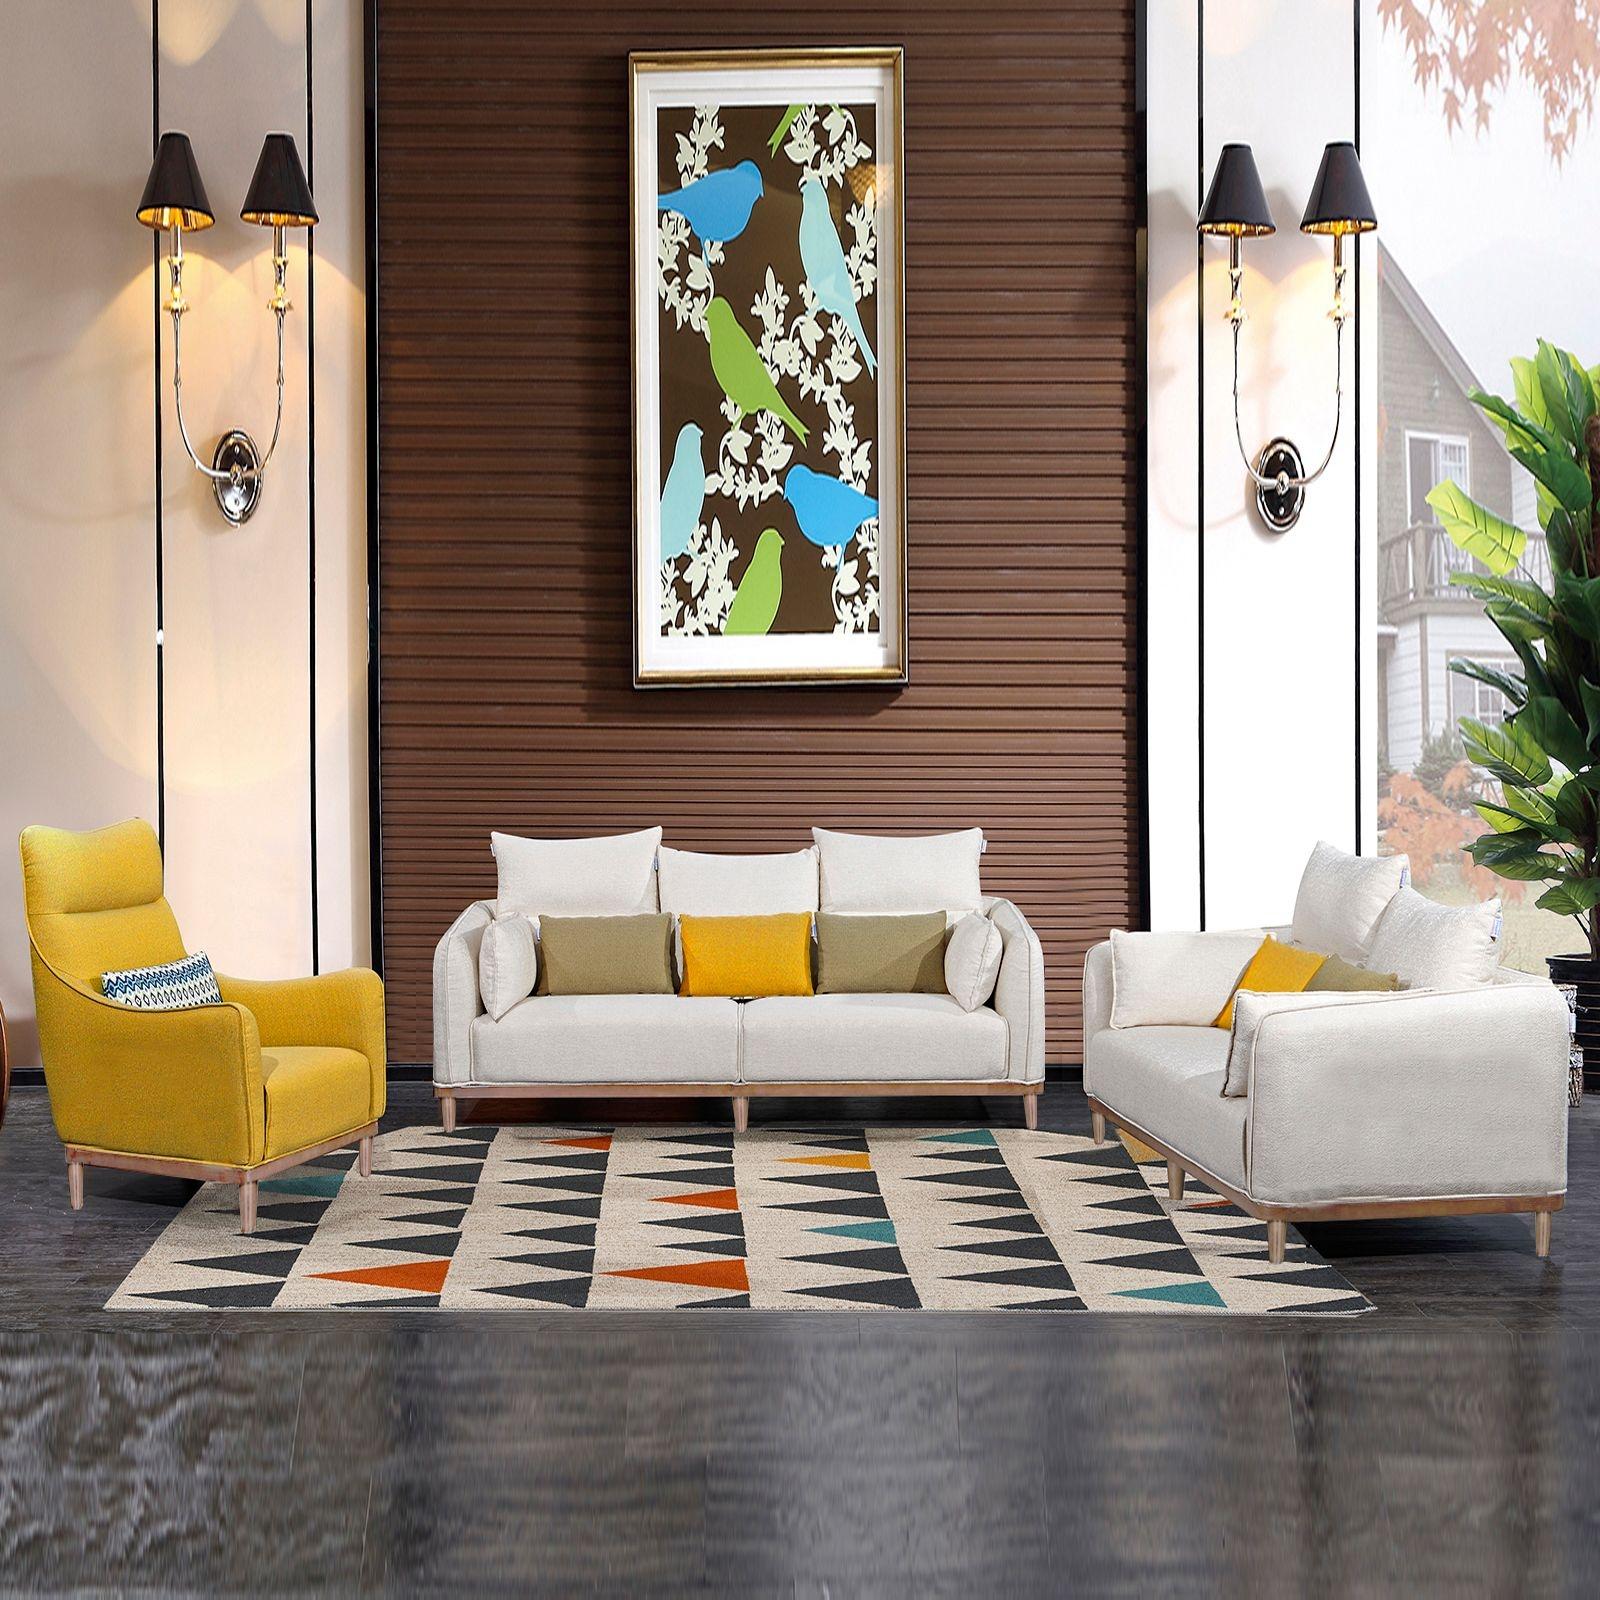 【双虎】亮丽黄色百搭清新白色时尚北欧系列布艺沙发组合